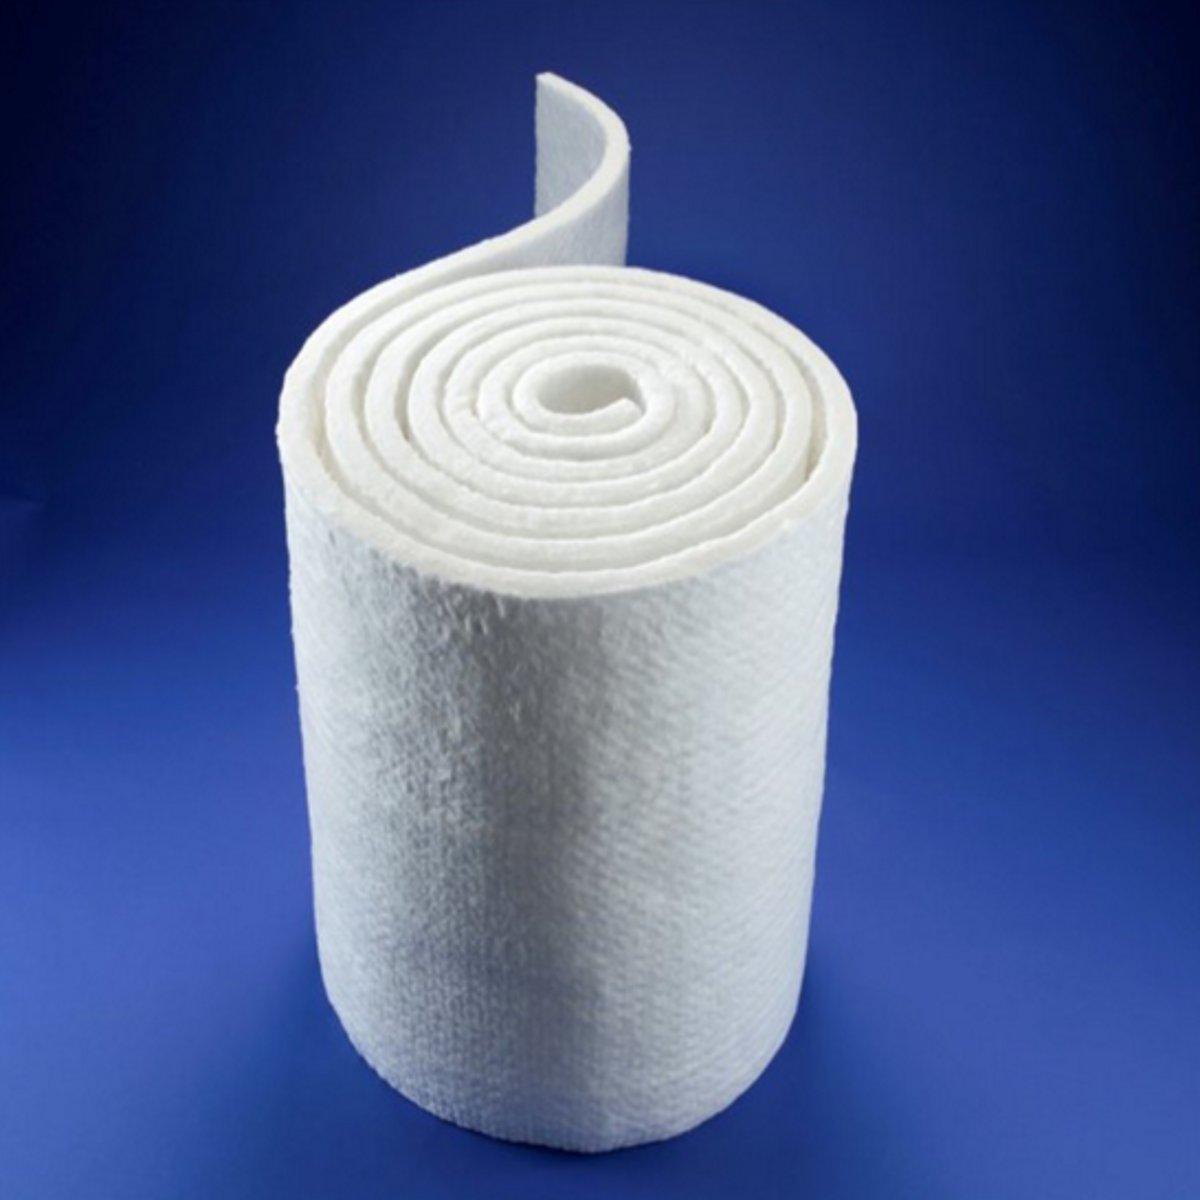 Какую выбрать высокотемпературную изоляцию: ТОП-10 лучших жаростойких материалов